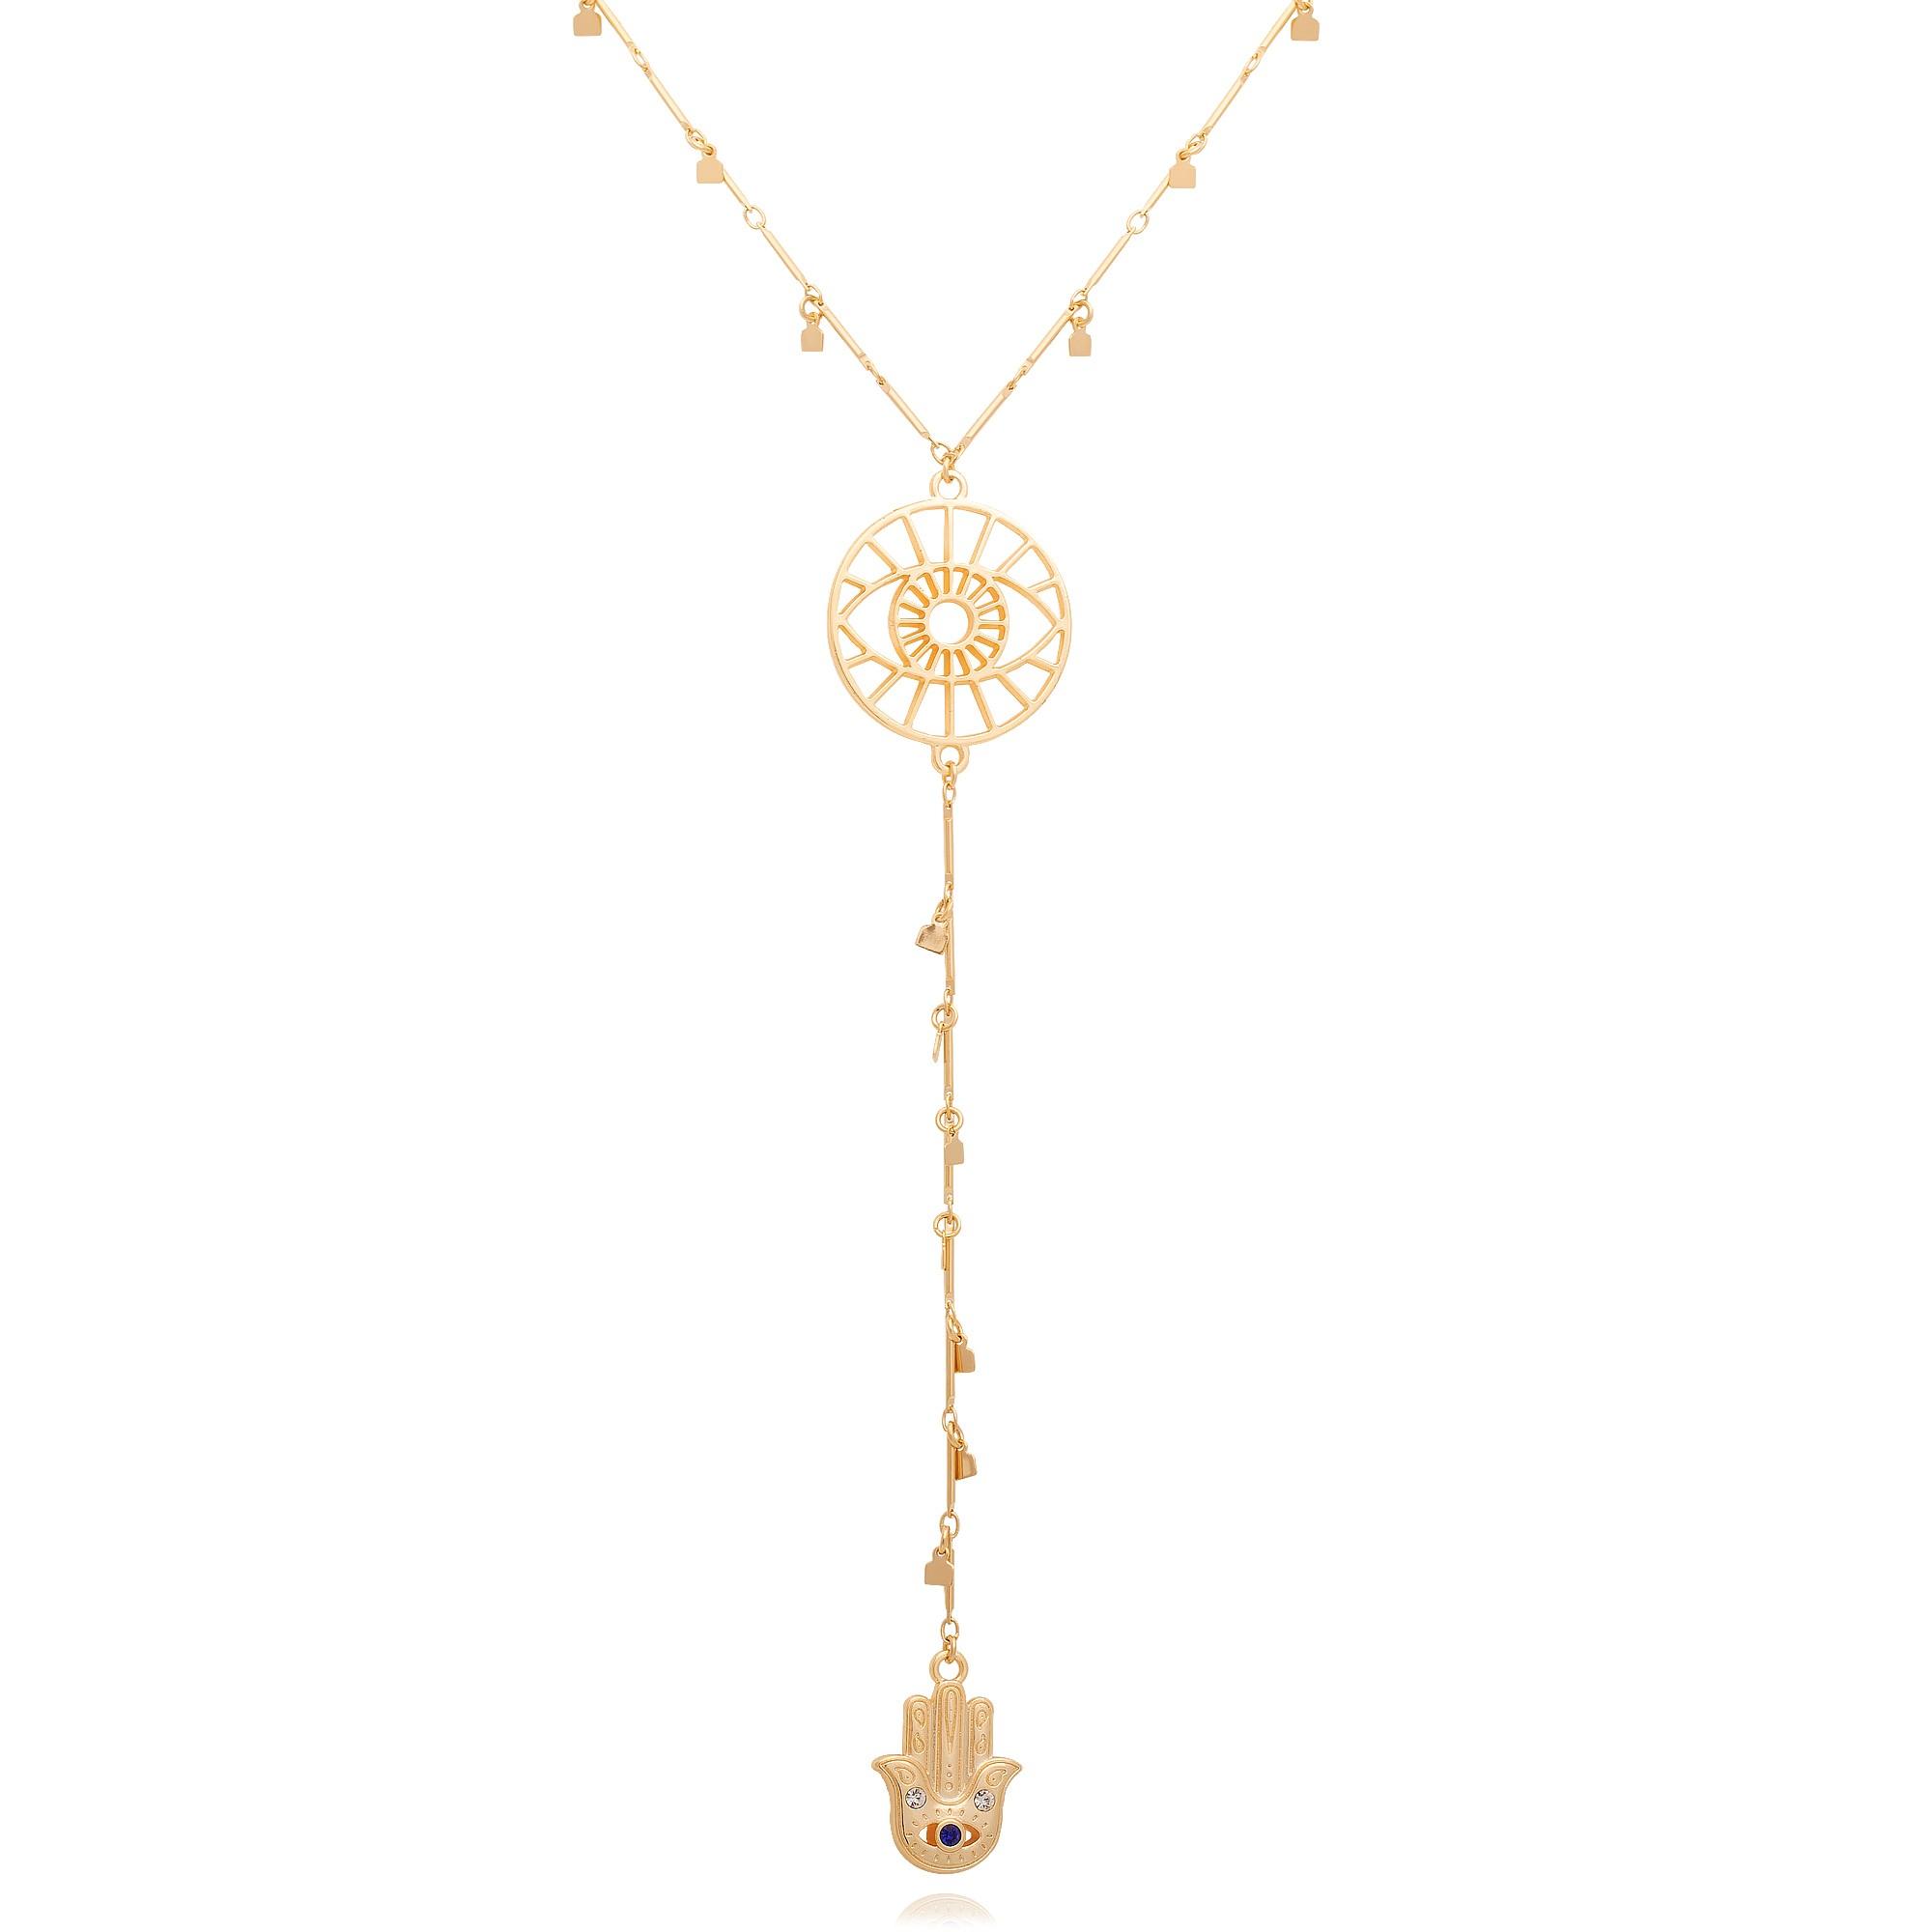 Colar gravata banhado à ouro 18k com pingente olho grego e mão de fátima.  - romabrazil.com.br